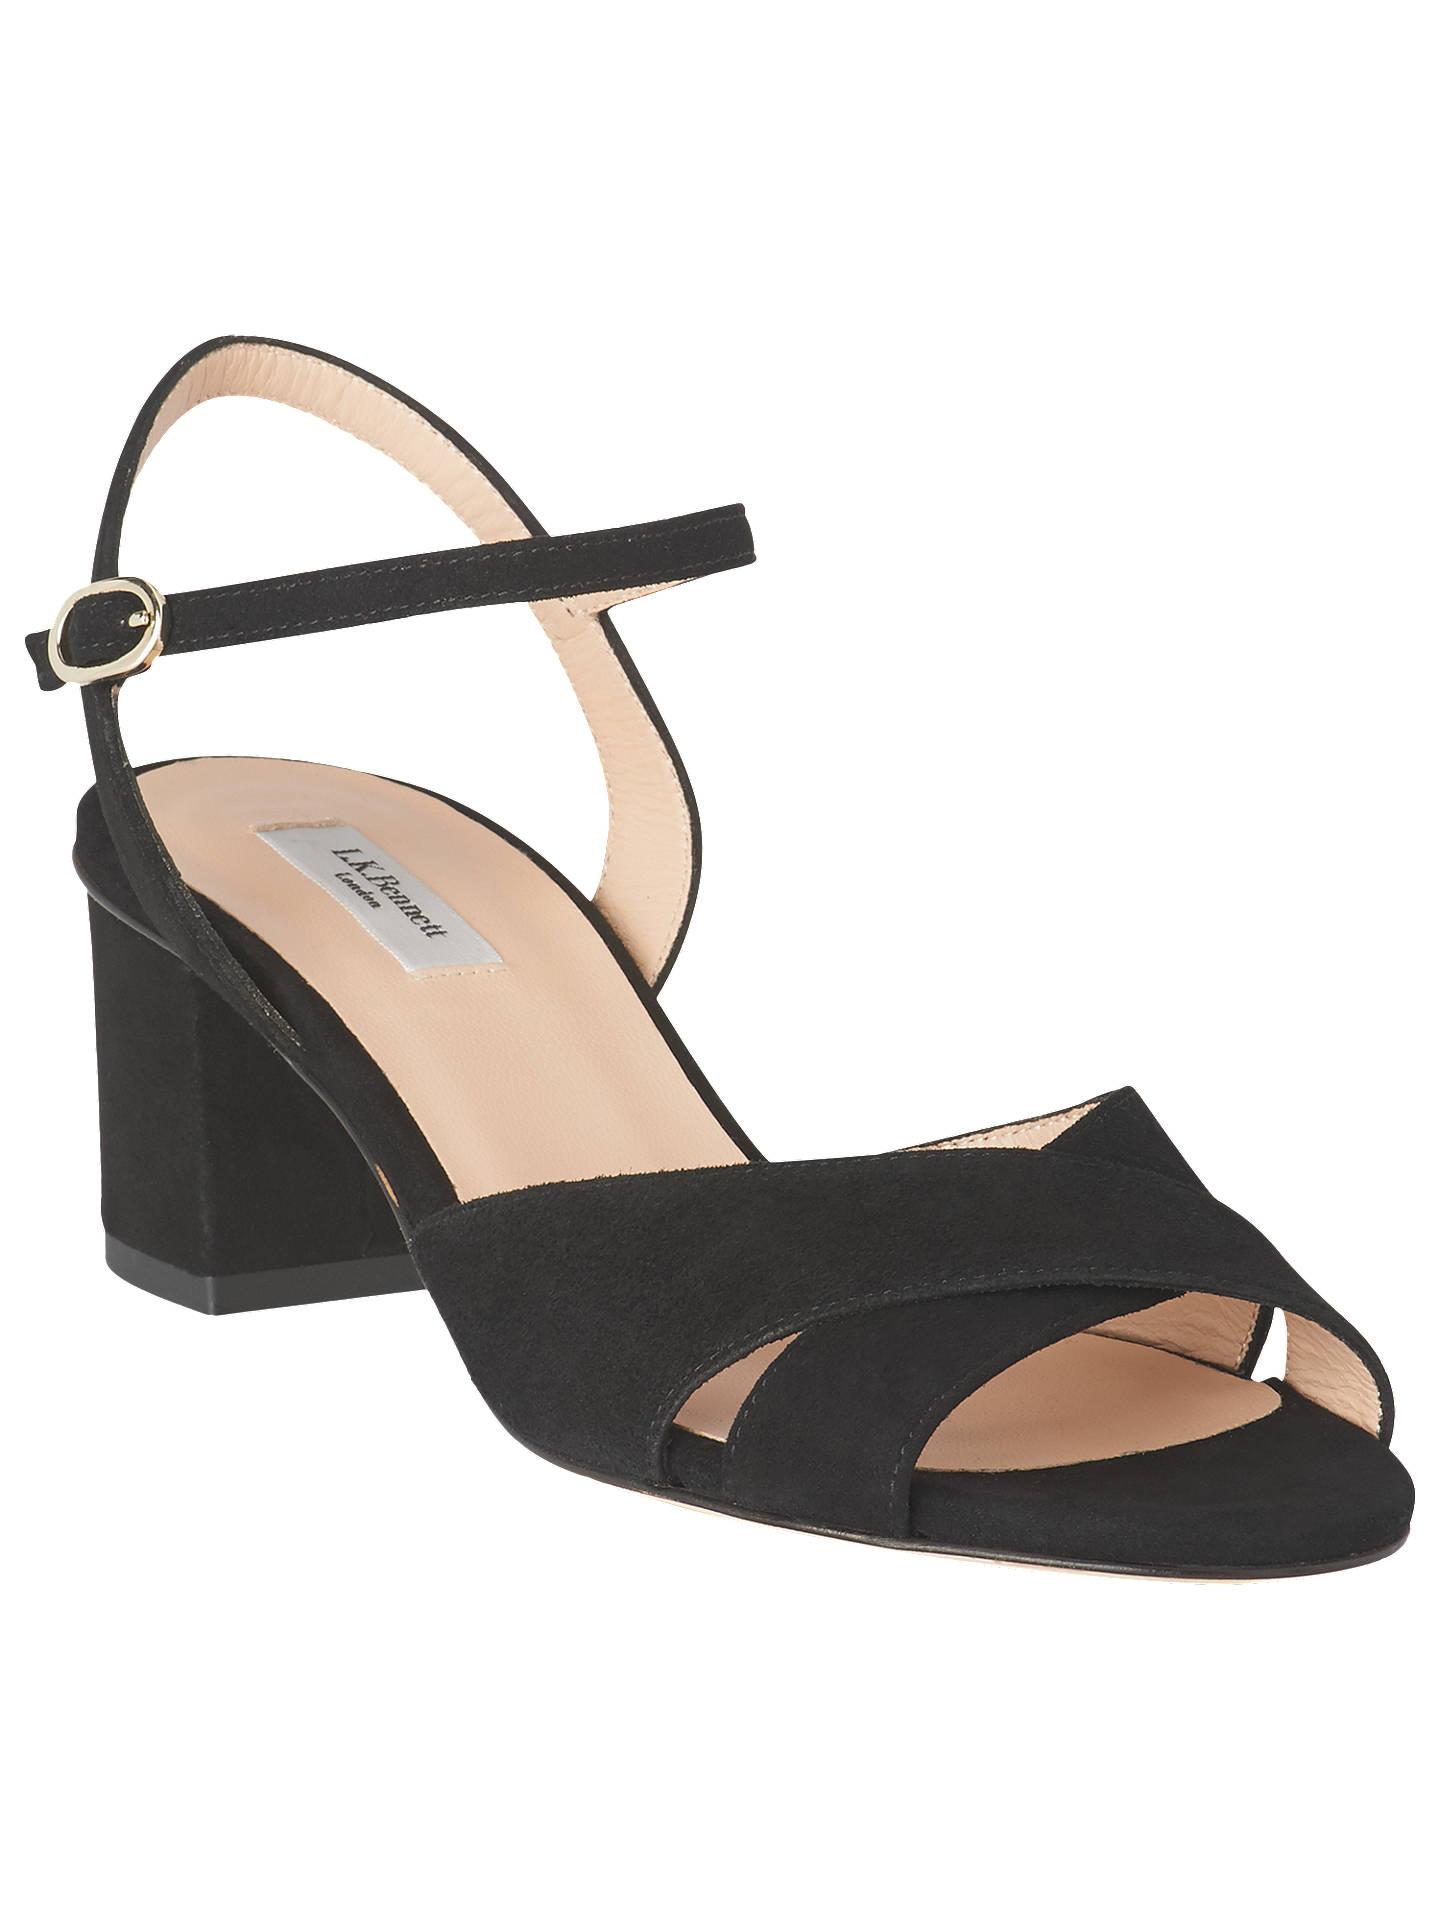 fd92b2b25b76 L.K.Bennett Tabitha Formal Block Heel Sandals at John Lewis   Partners